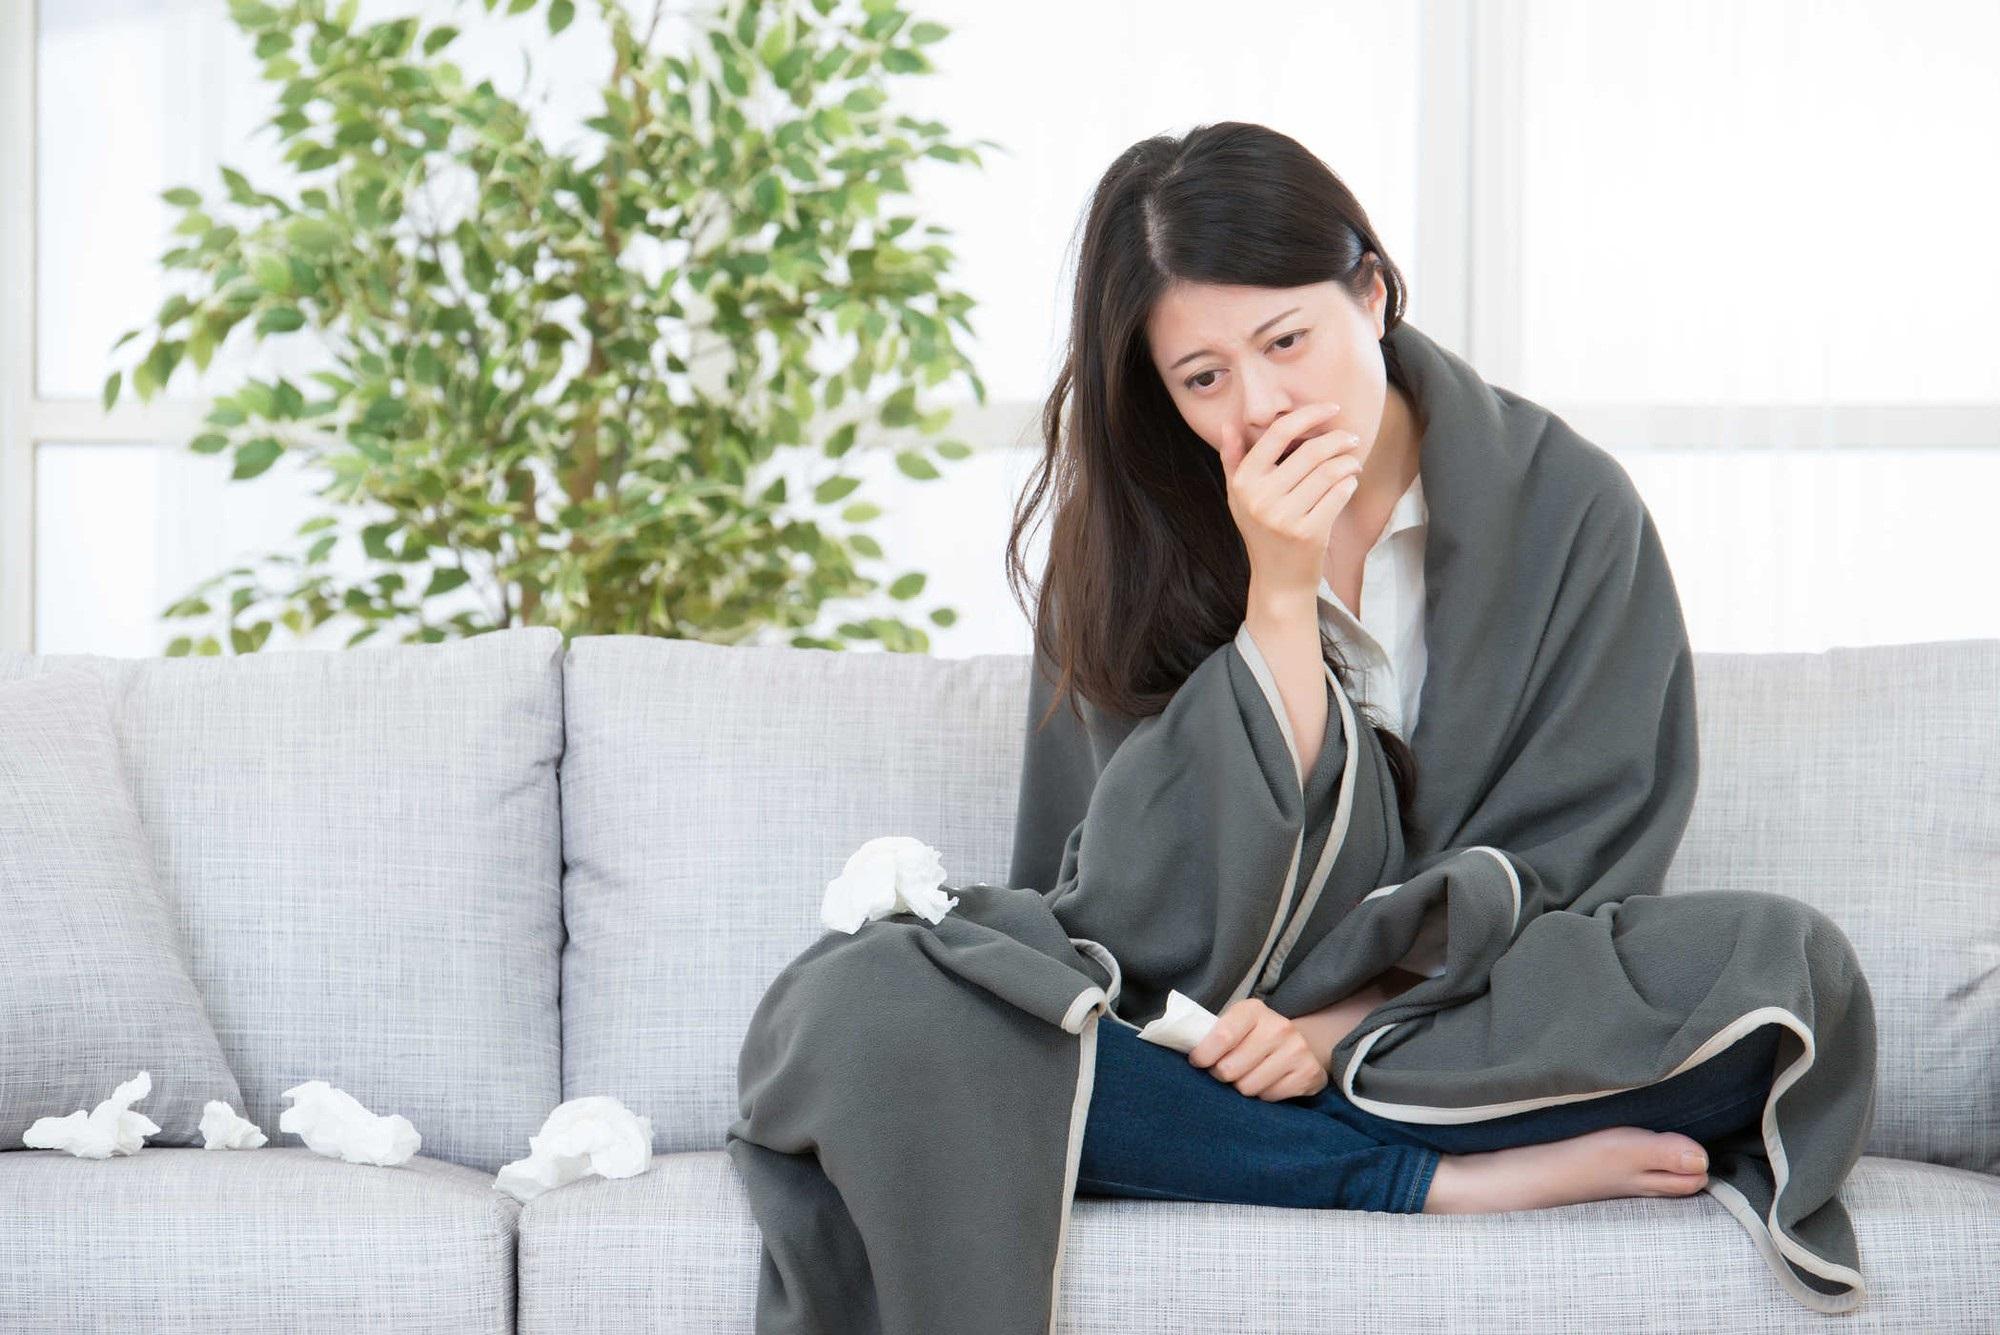 7 dấu hiệu cảnh báo tình trạng thiếu hụt i-ốt trong cơ thể mà bạn không nên coi thường - Ảnh 5